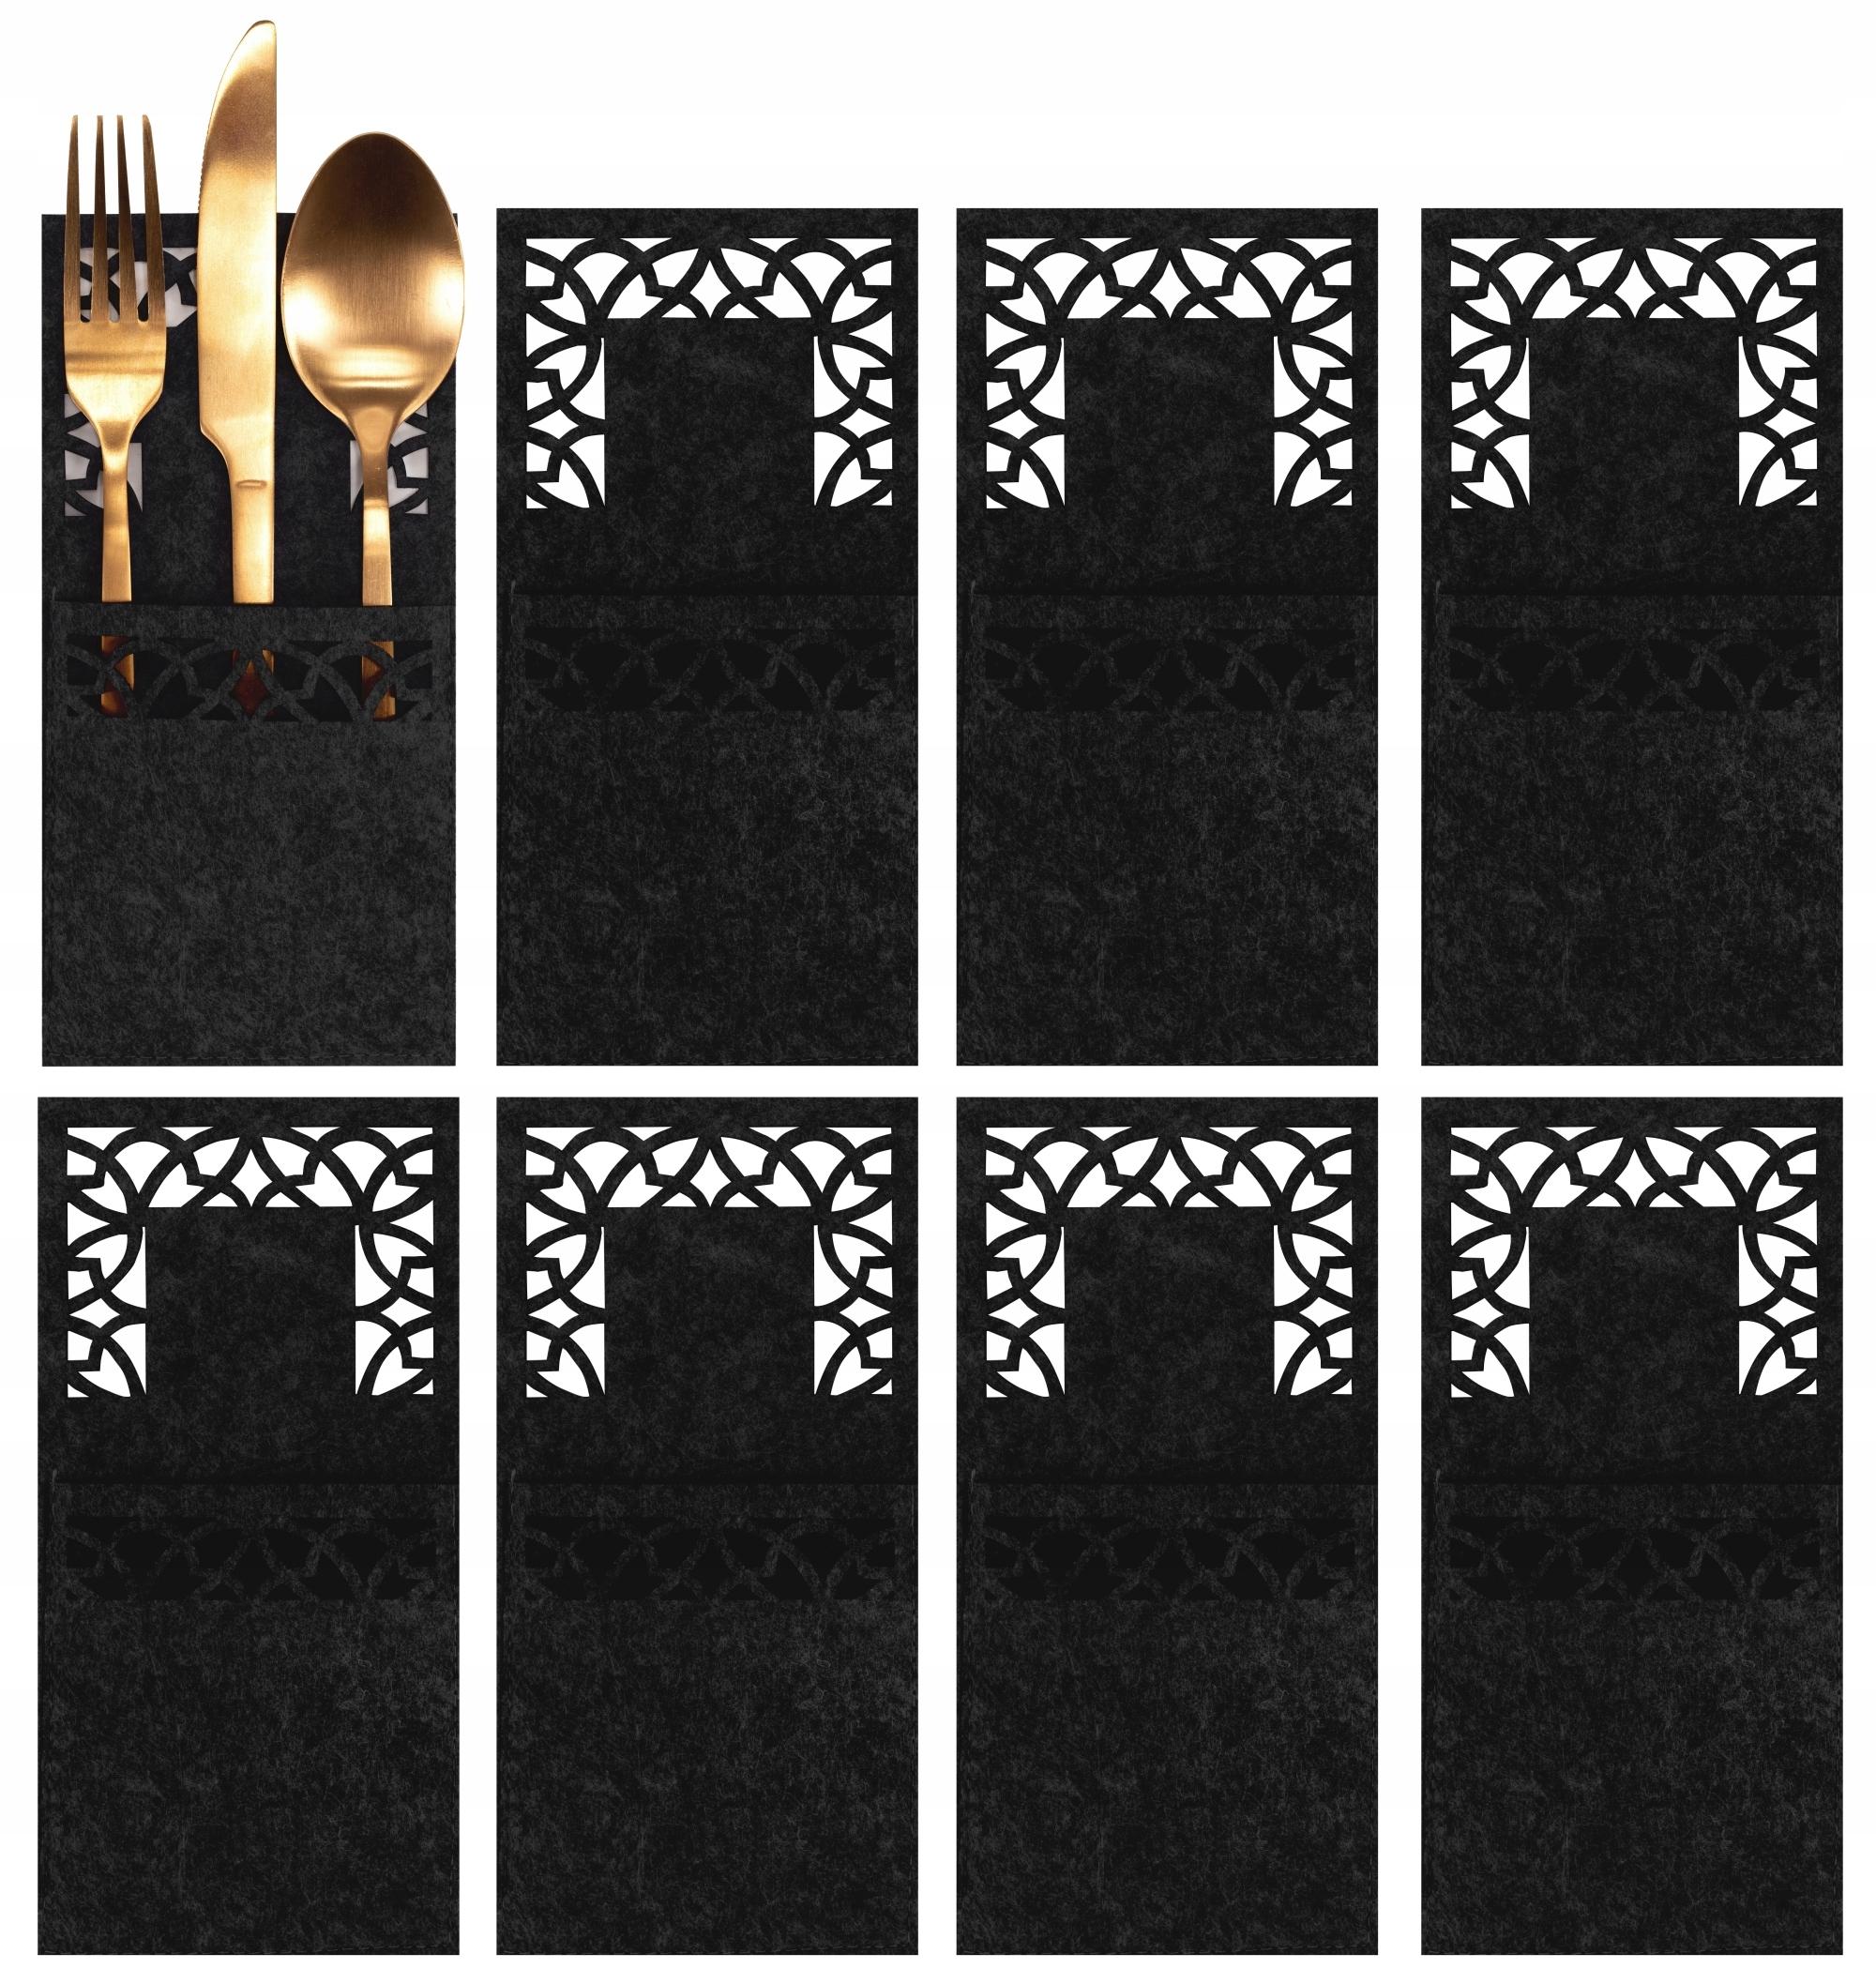 Рождественские чехлы для столовых приборов, черные, 8 шт.